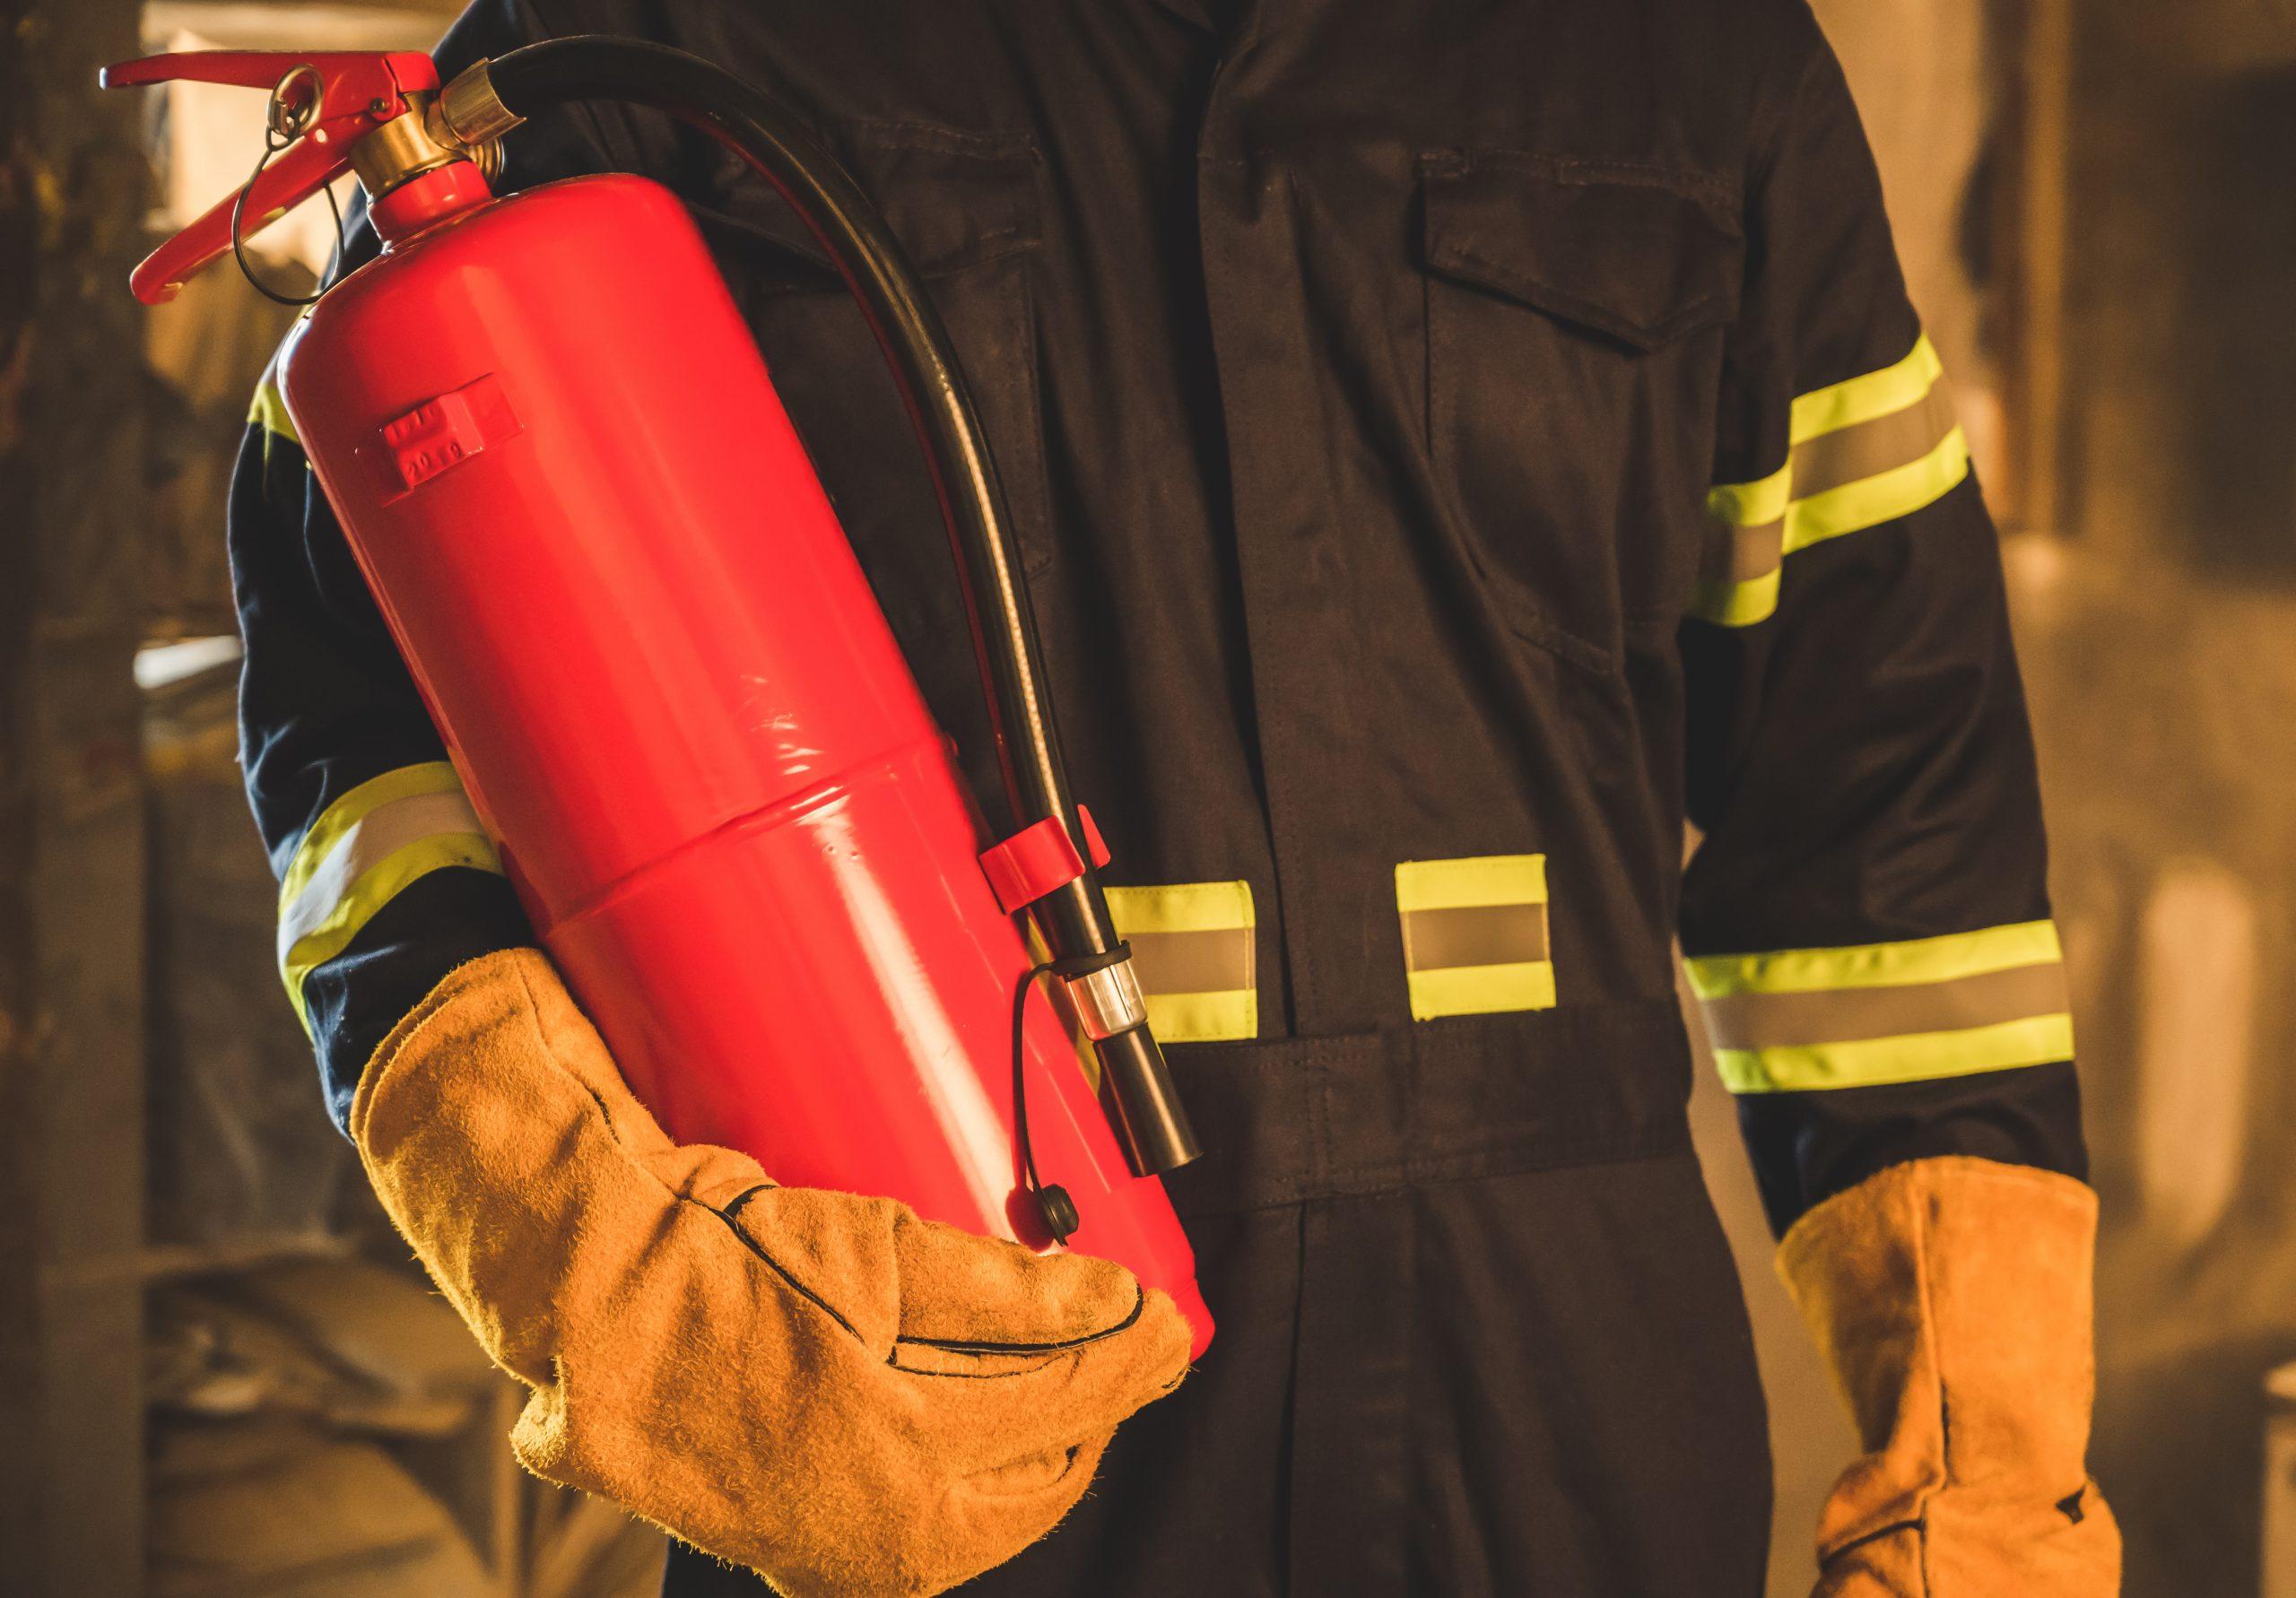 کاربرد مونوآمونیوم فسفات در کپسولهای آتش نشانی